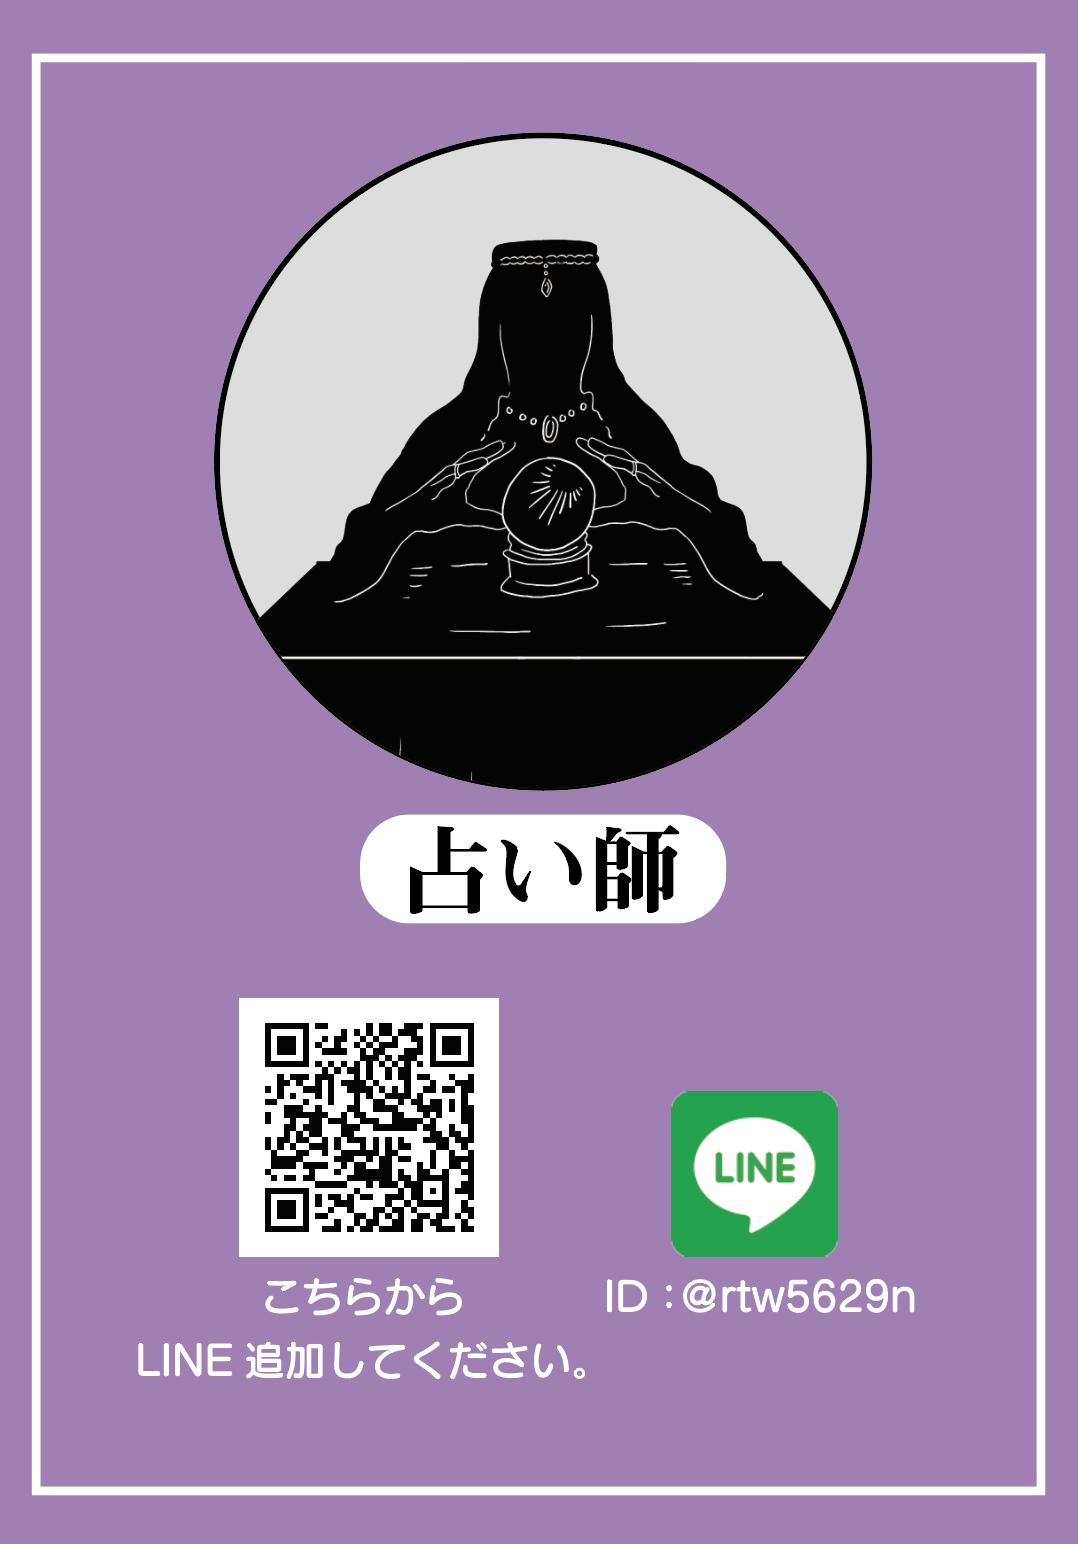 スクリーンショット 2019-03-19 22.47.31